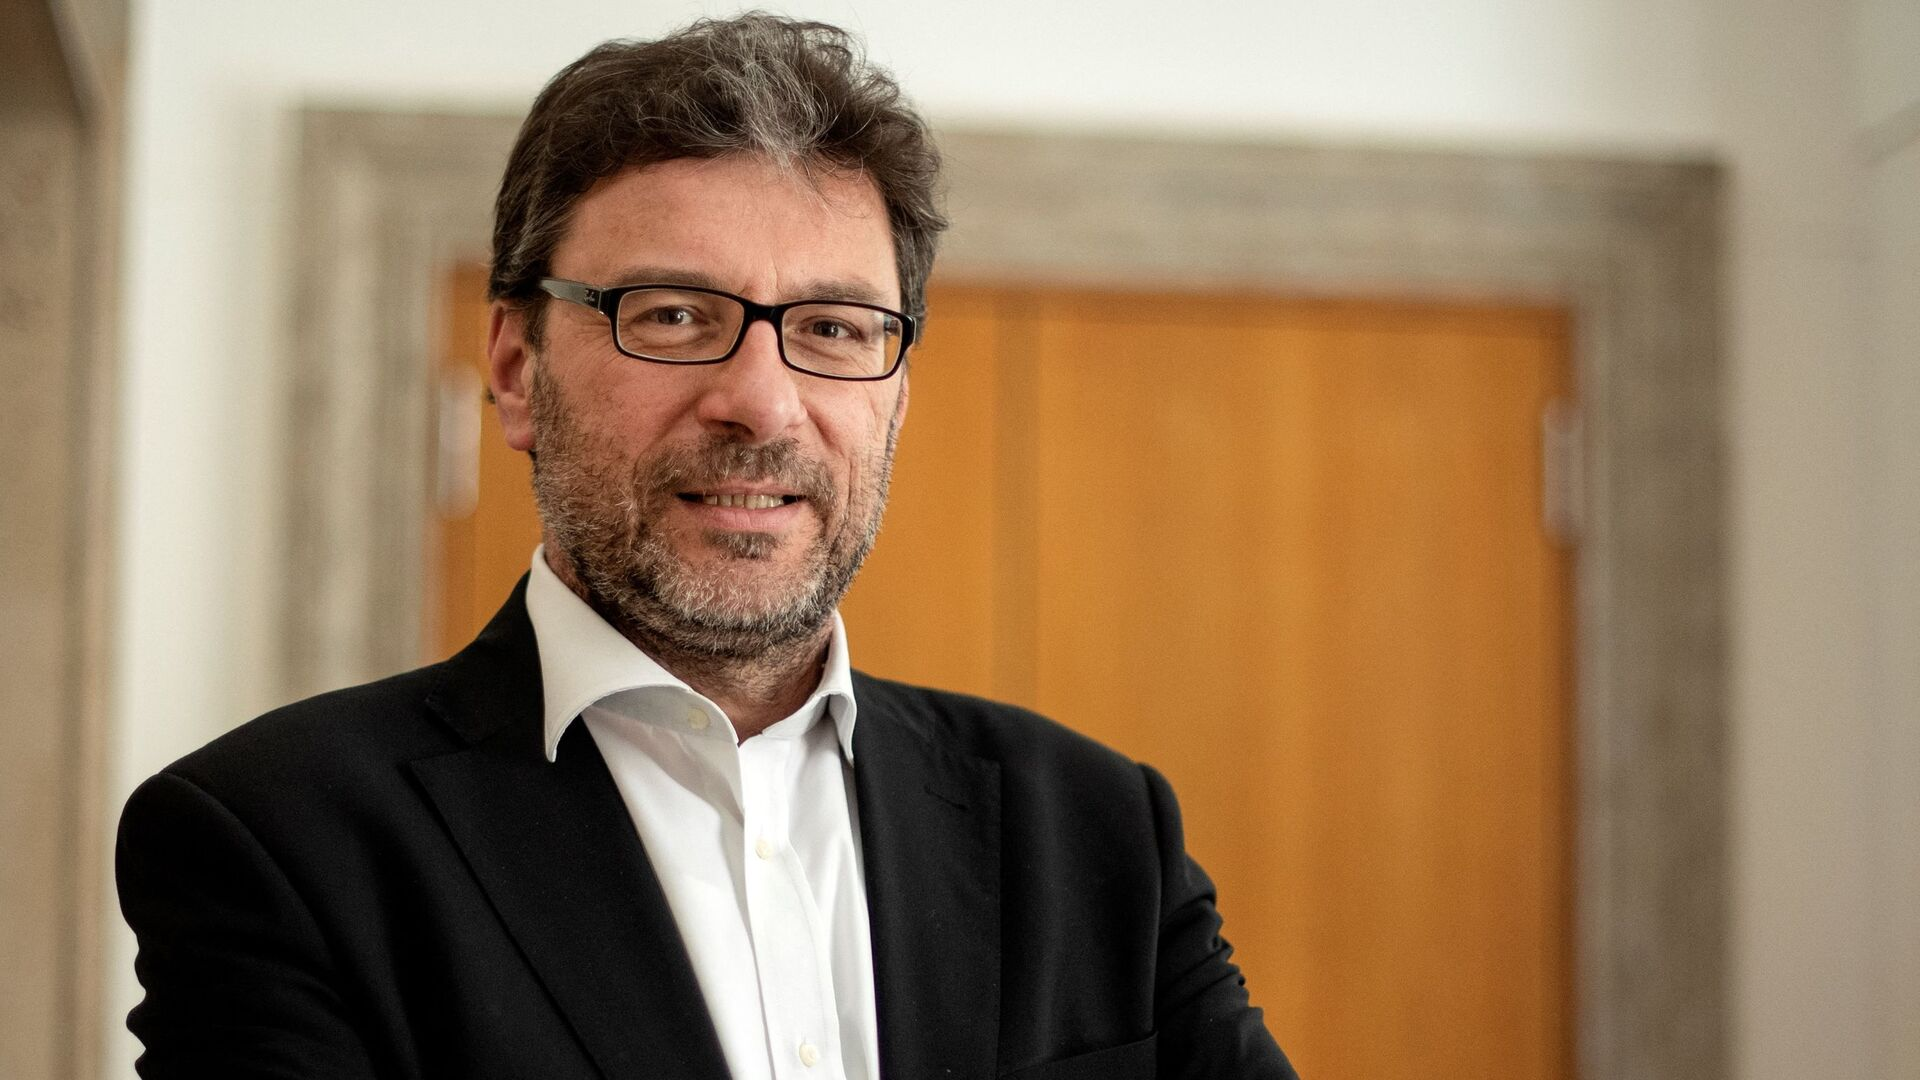 Giancarlo Giorgetti, nuovo Ministro dello Sviluppo Economico - Sputnik Italia, 1920, 28.06.2021